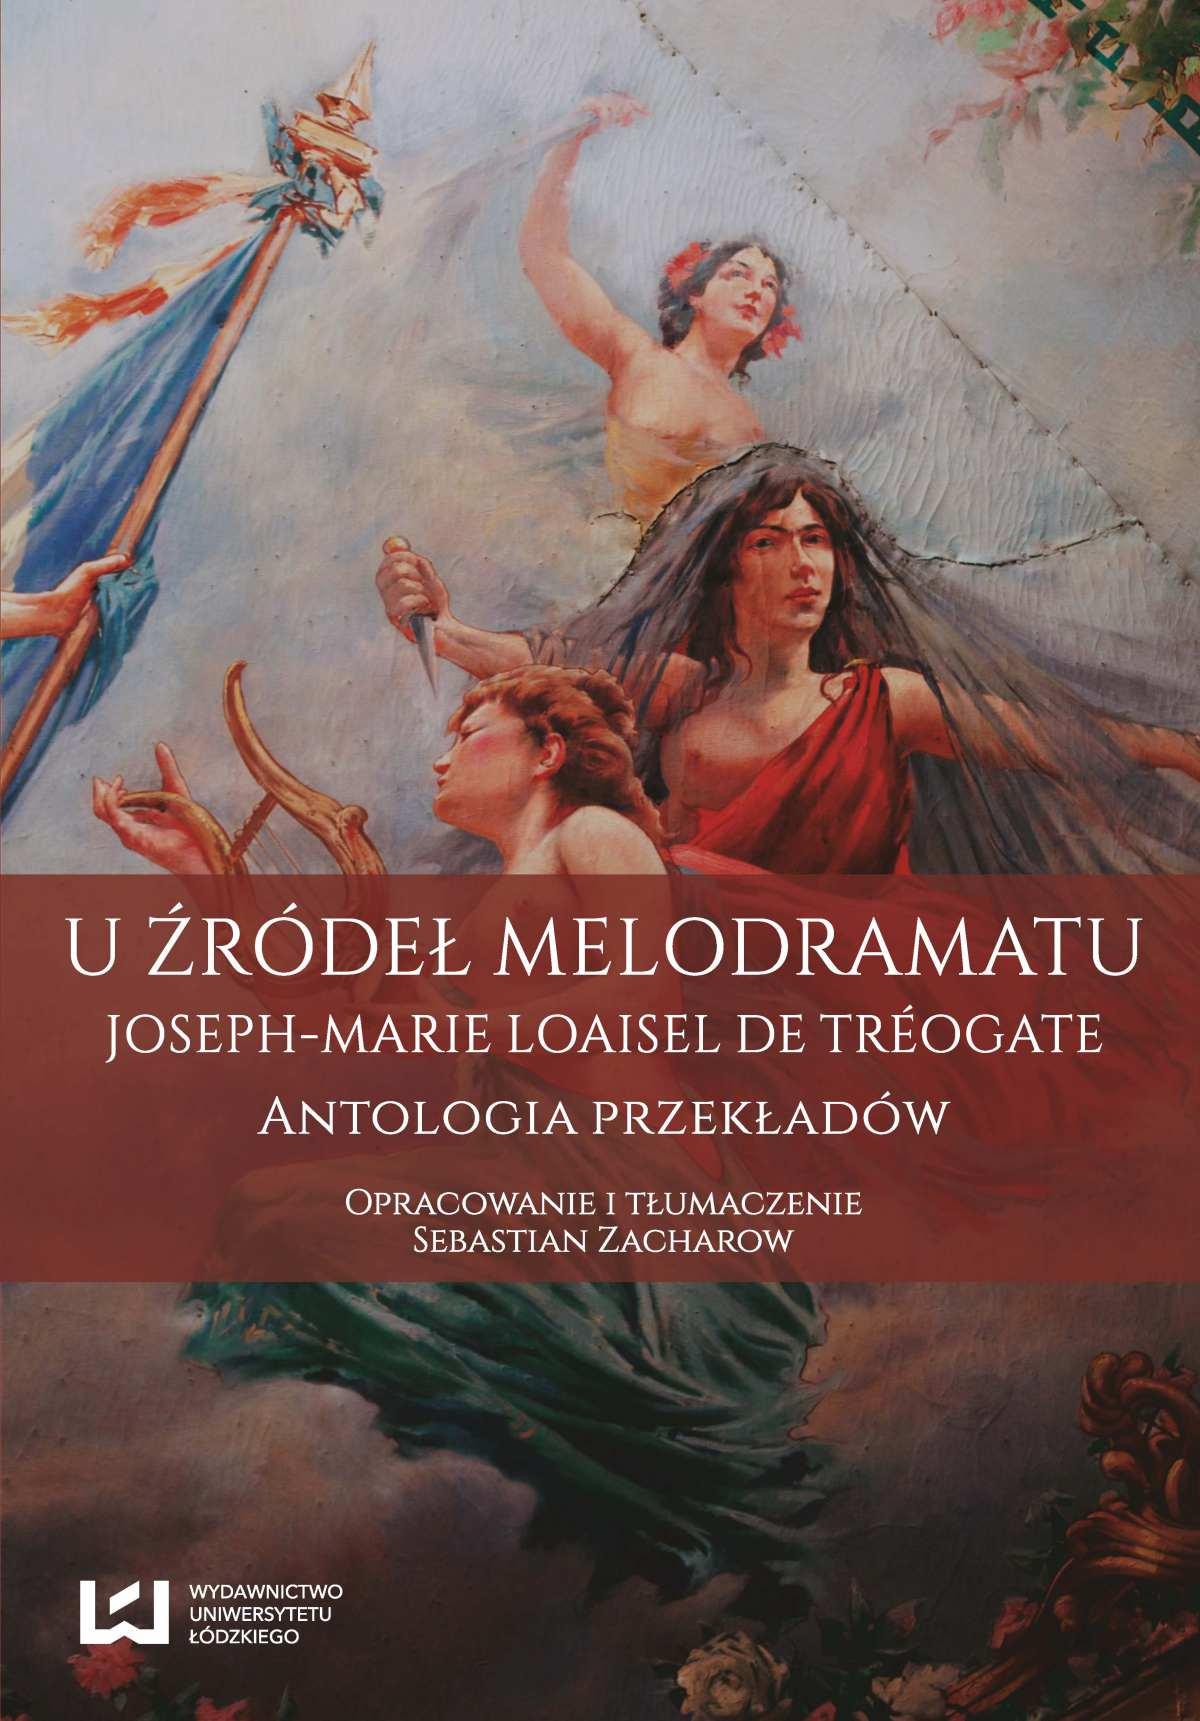 U źródeł melodramatu. Joseph-Marie Loaisel de Tréogate. Antologia przekładów - Ebook (Książka PDF) do pobrania w formacie PDF